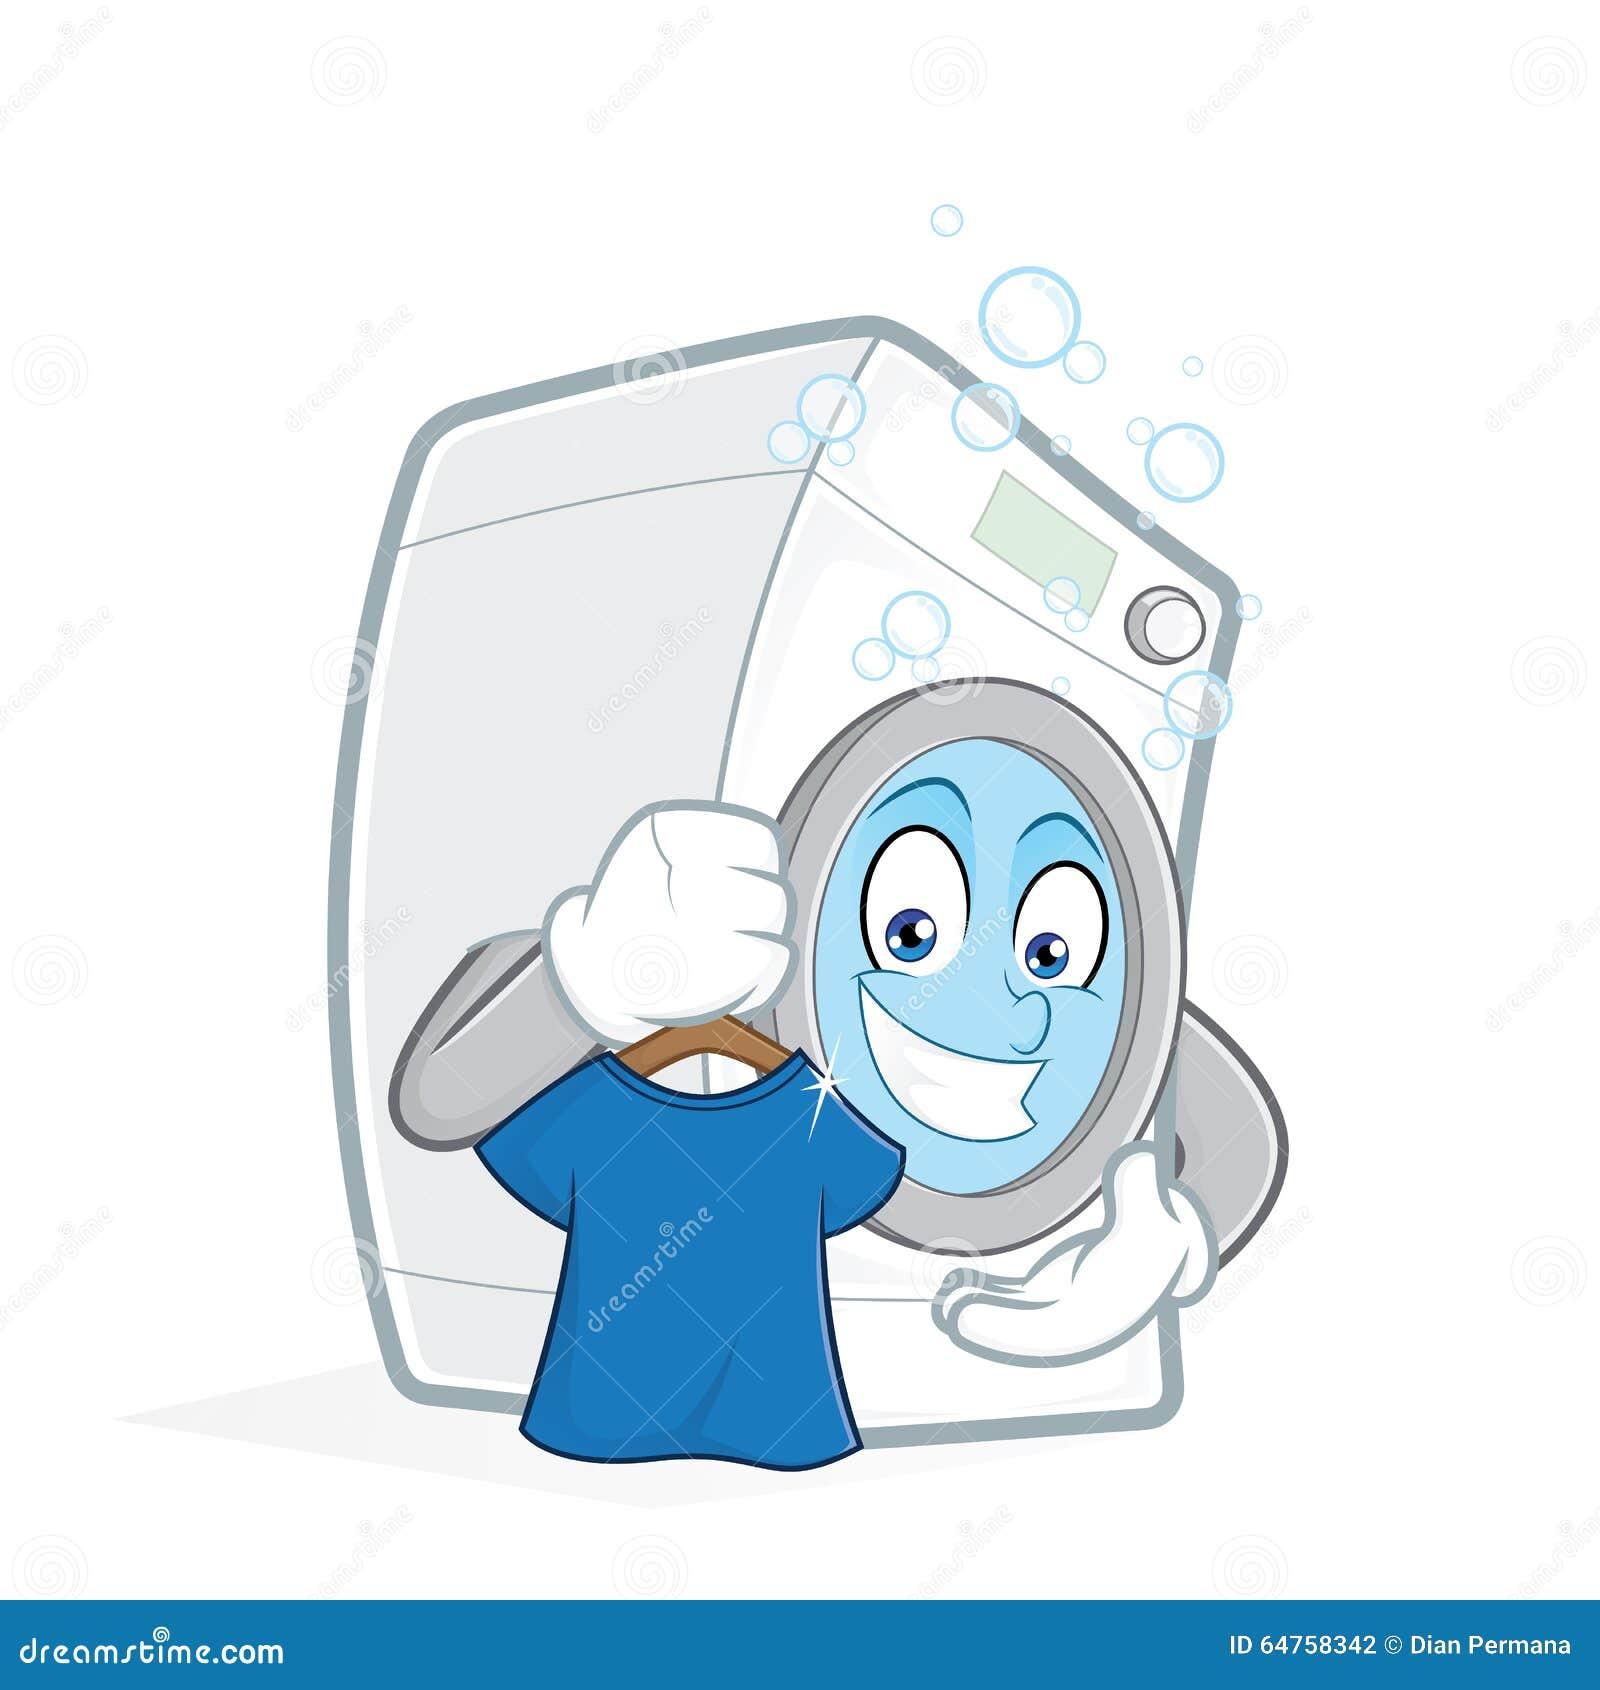 waschmaschine die sauberes t shirt h lt vektor abbildung bild 64758342. Black Bedroom Furniture Sets. Home Design Ideas